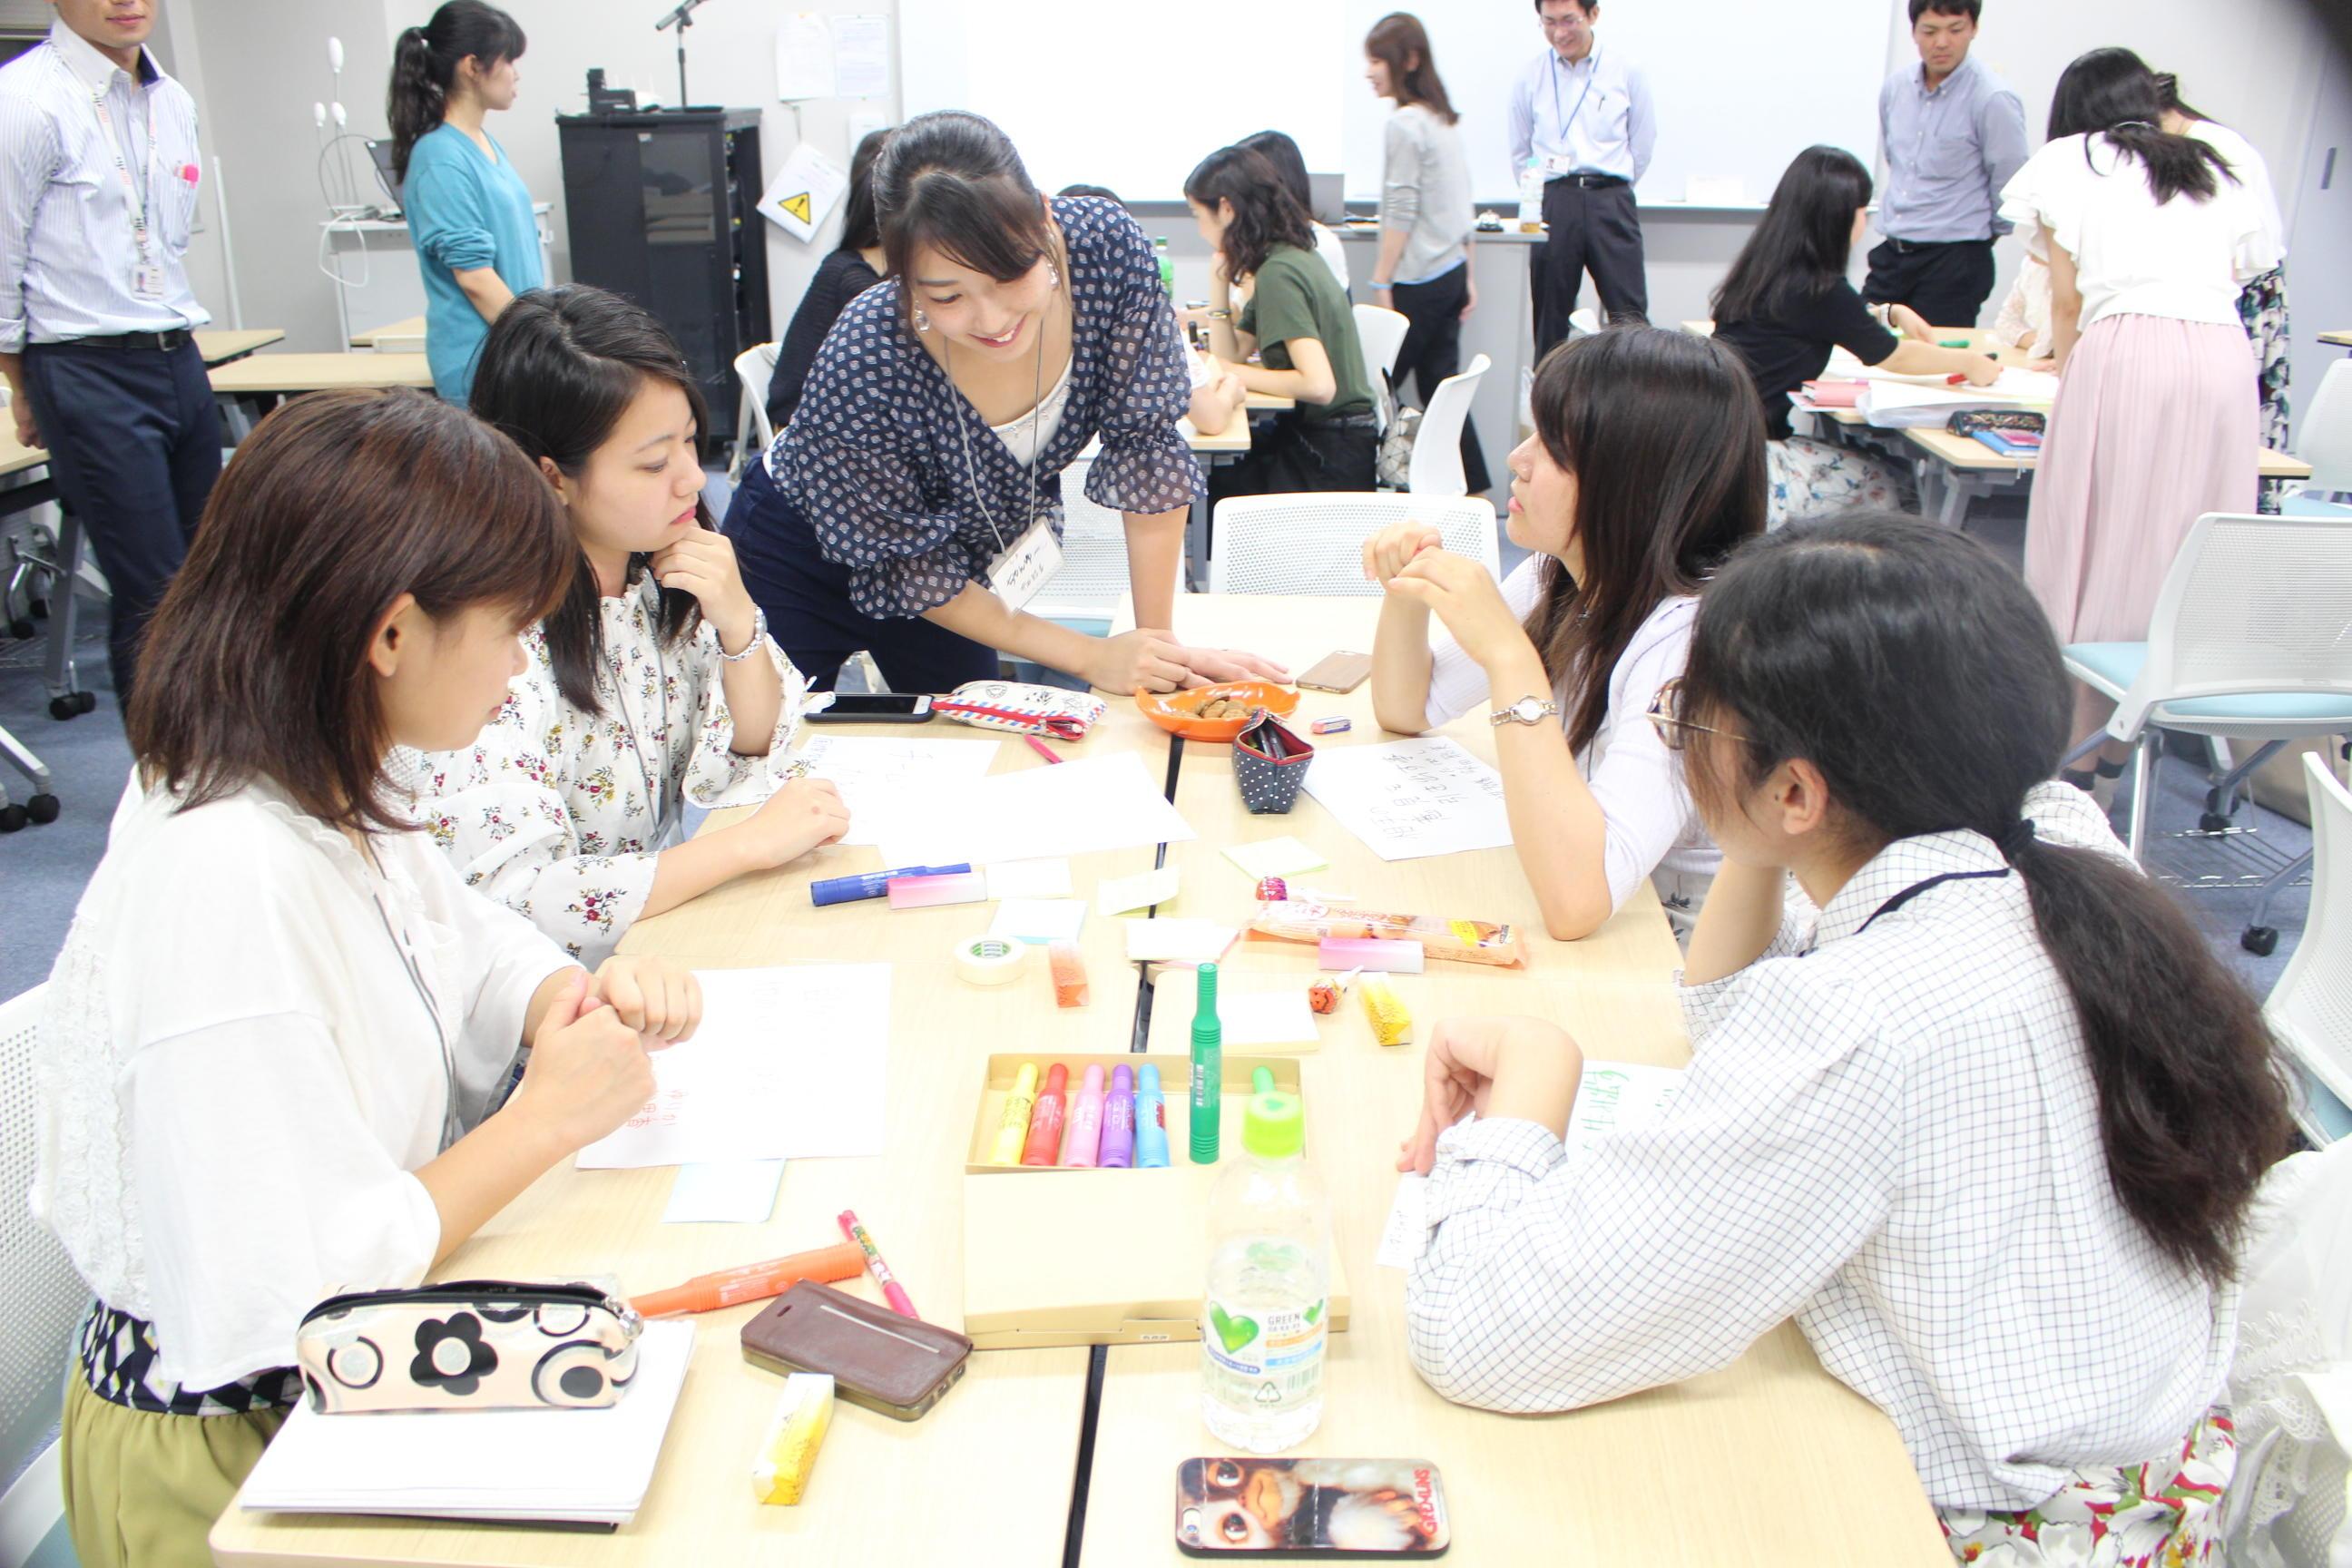 共立女子大学・共立女子短期大学で「リーダーシップ開発講座」を実施 ~ 一人ひとりの持ち味を活かしたリーダーシップのあり方に気づくためのプロジェクト ~